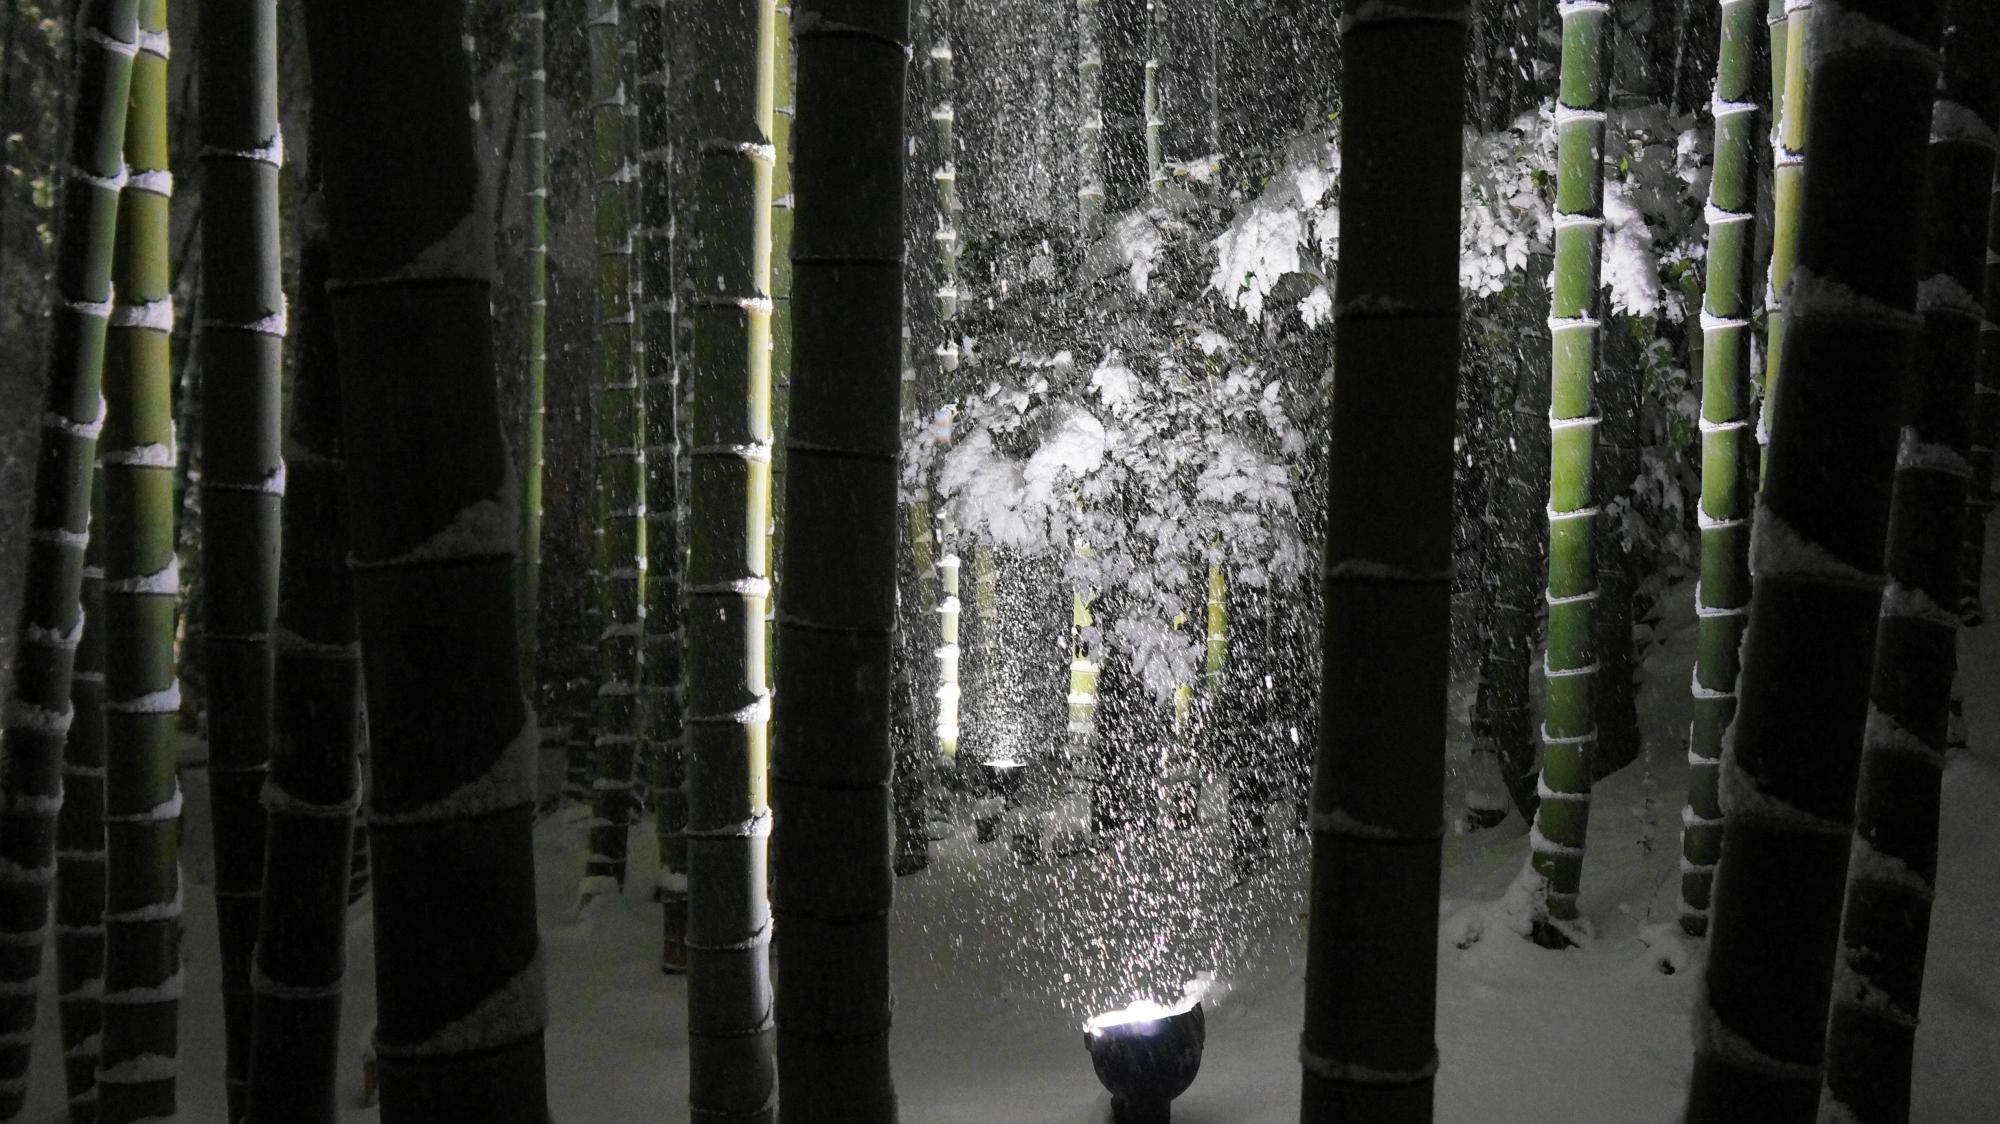 高台寺の竹林の明暗と綺麗なコントラスト